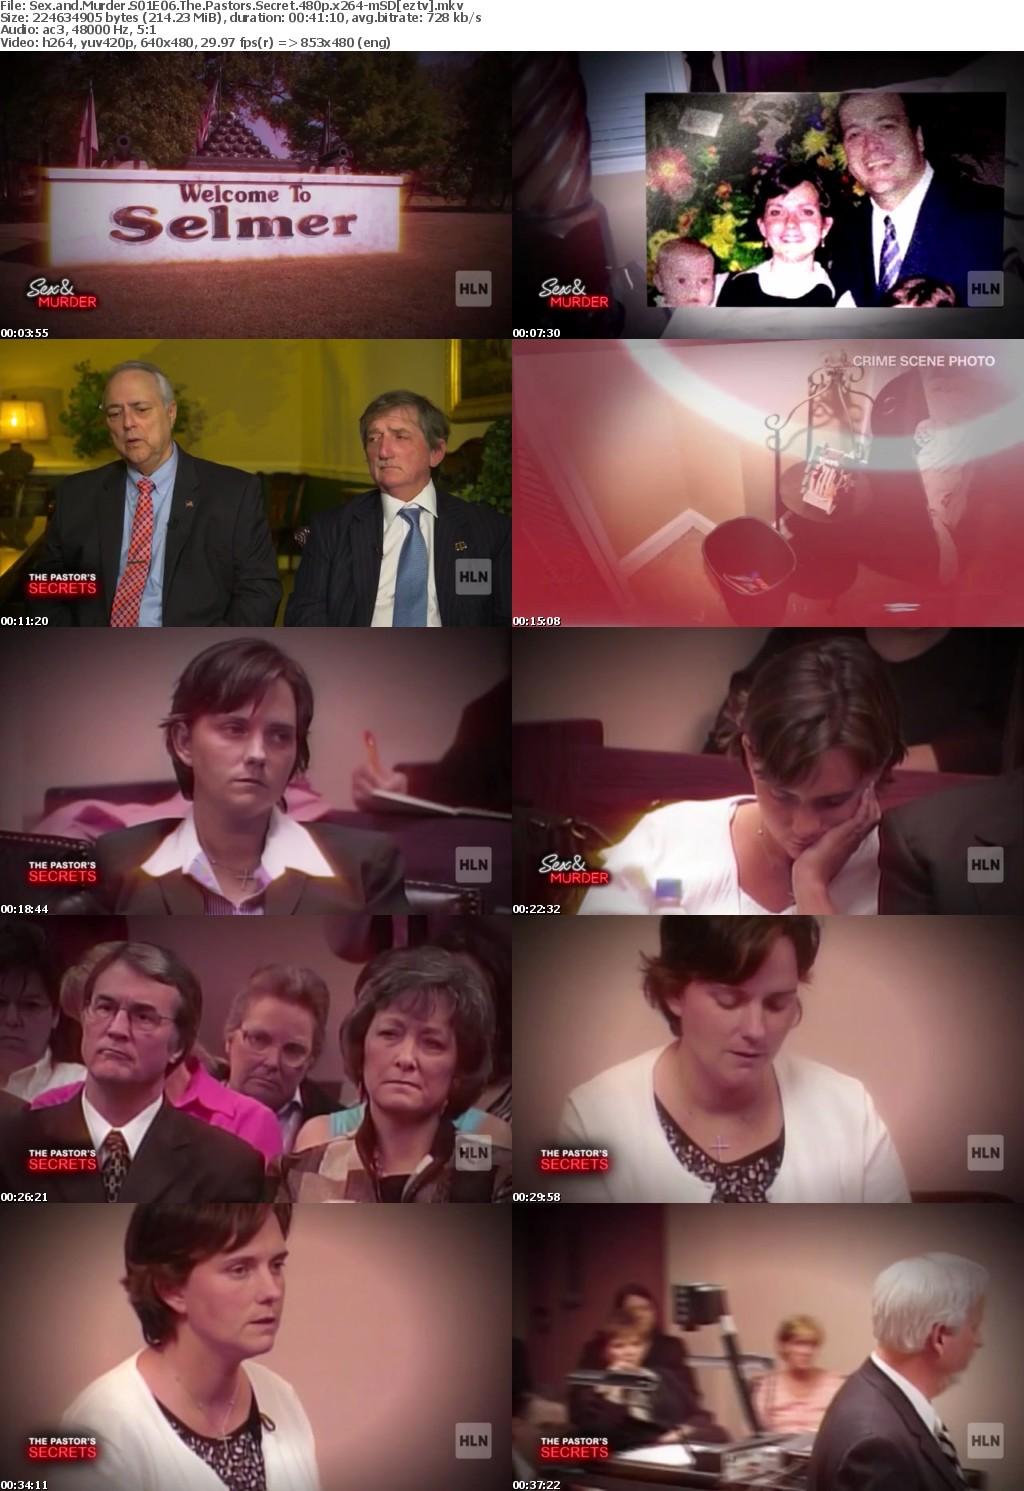 Sex and Murder S01E06 The Pastors Secret 480p x264-mSD